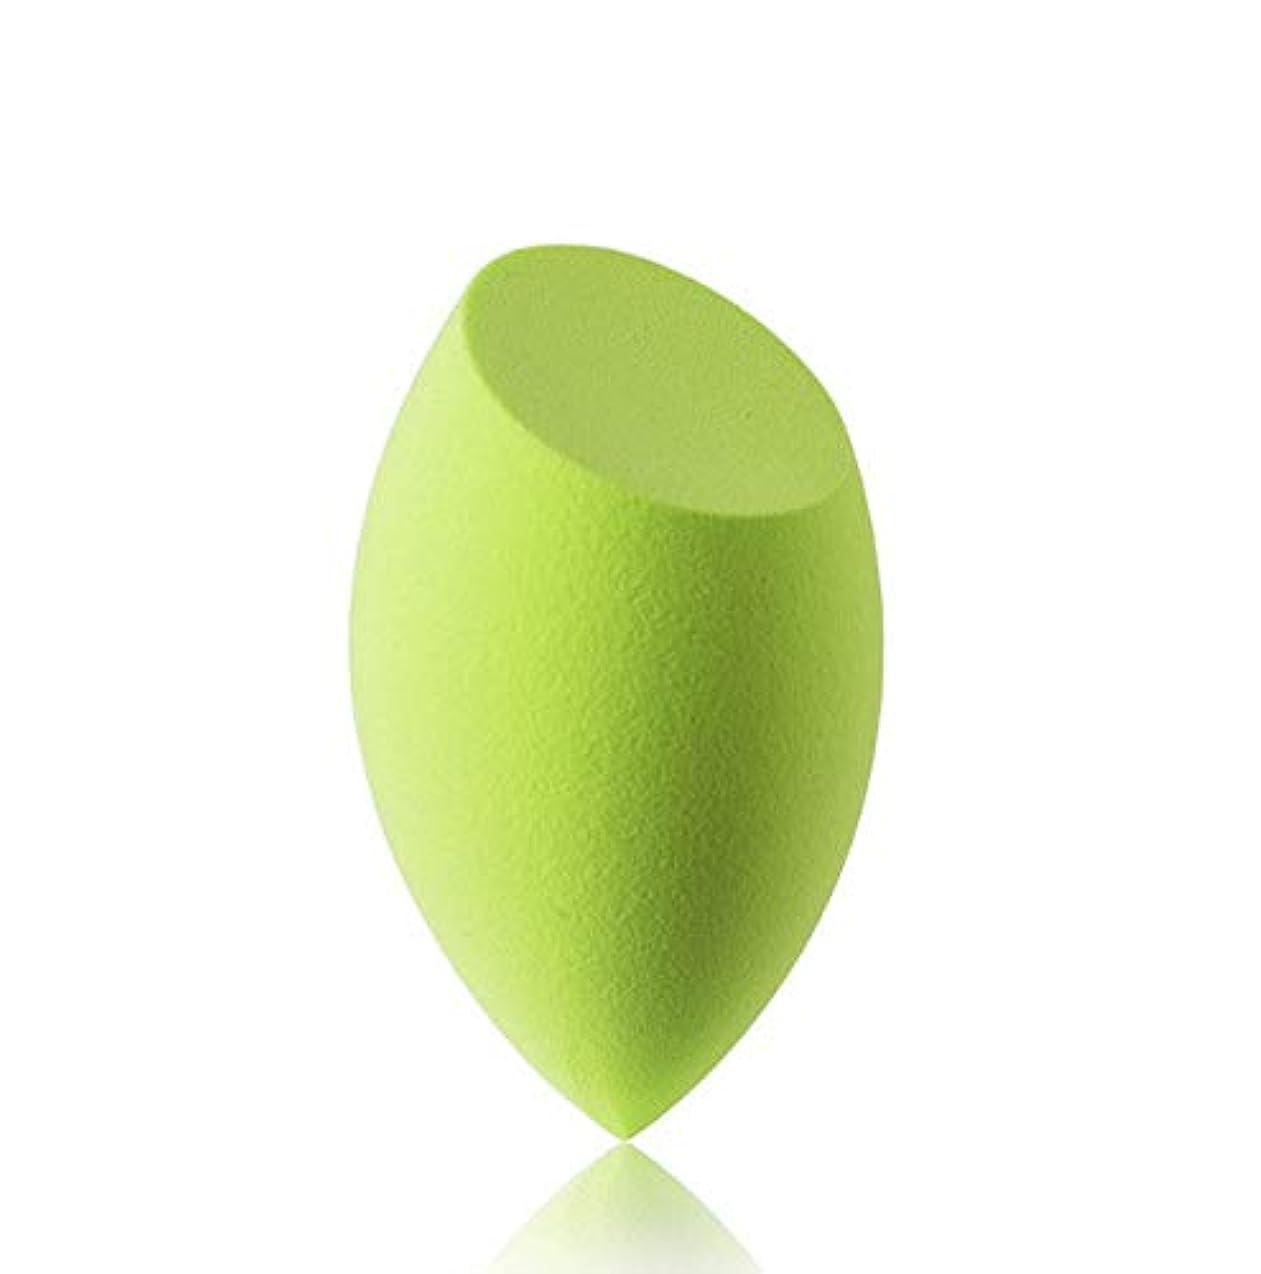 称賛推測トラフ美容スポンジ、ソフトブルー、グリーン美容エッグメイクブレンダーファンデーションスポンジ (Color : グリンー)